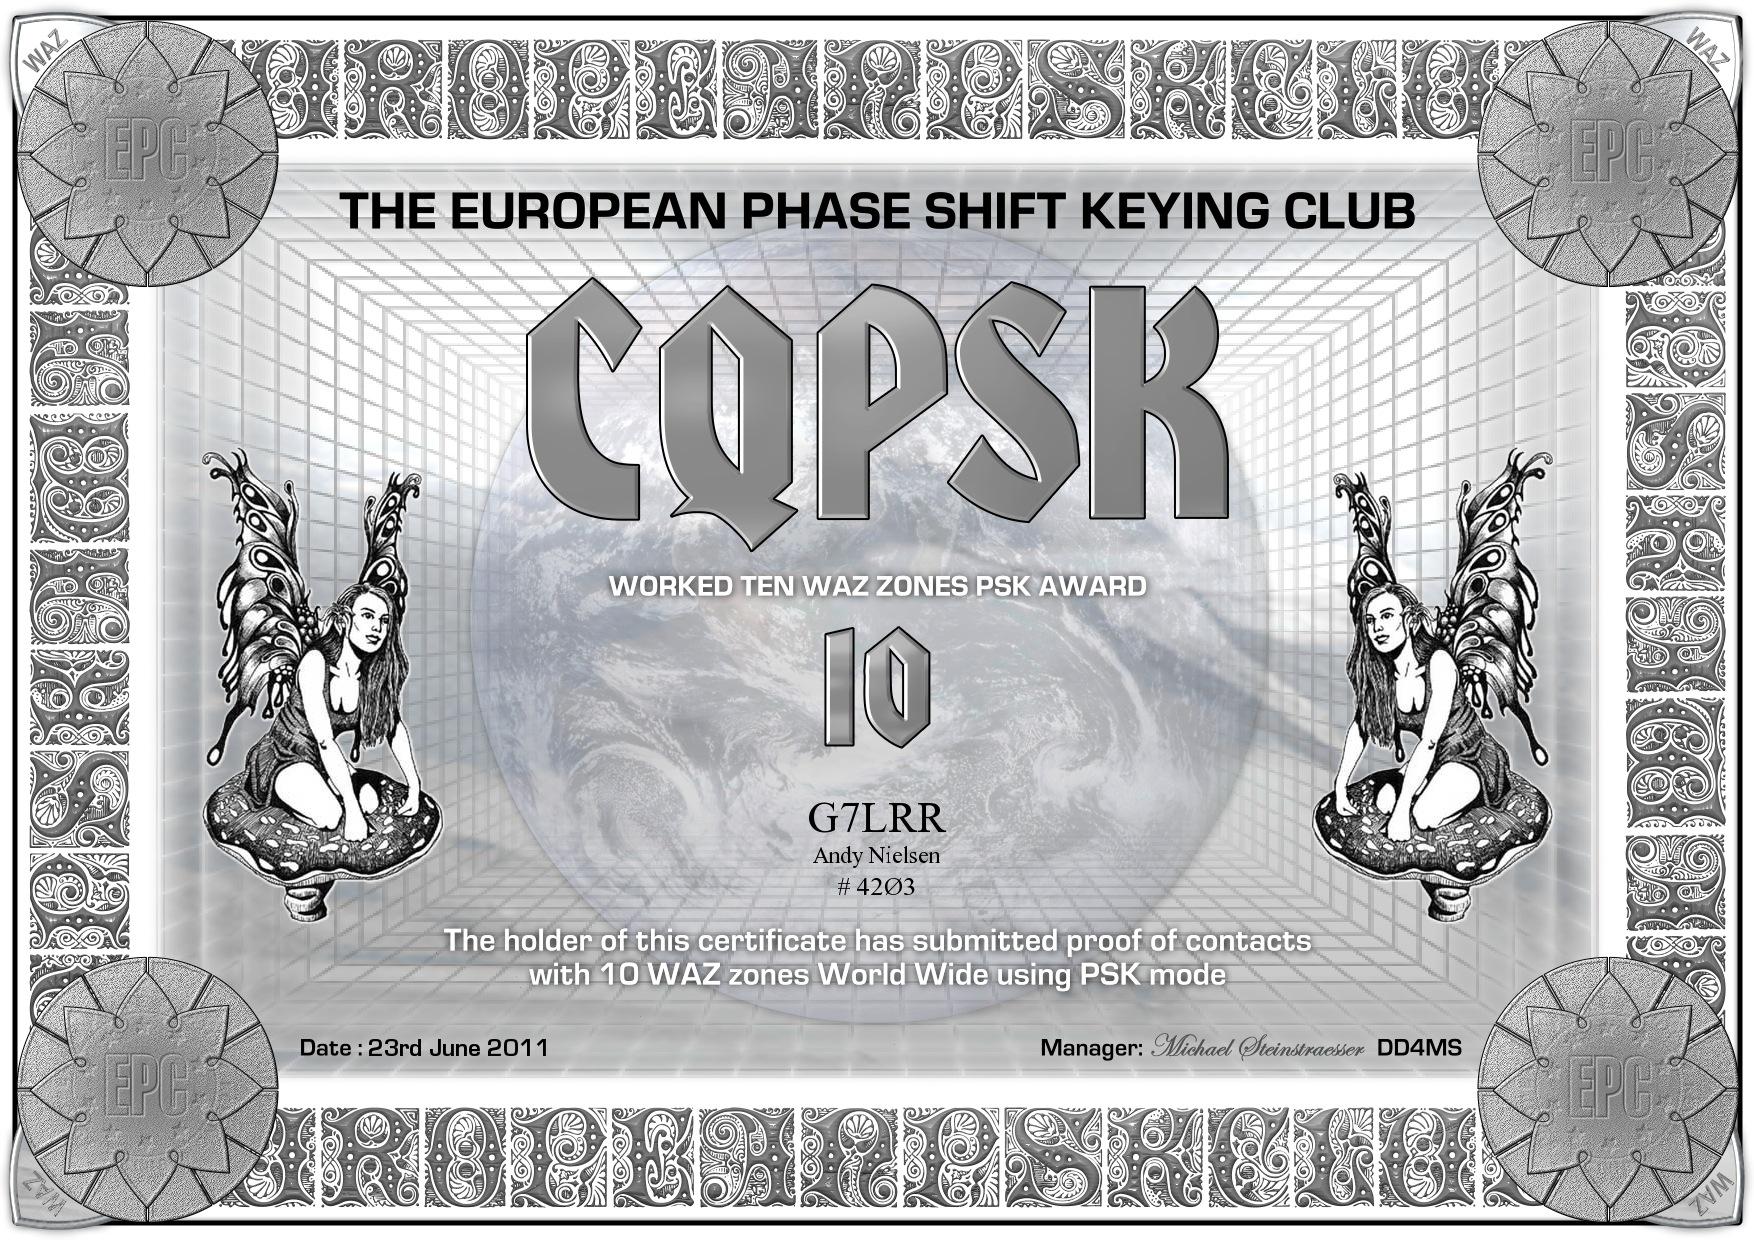 G7LRR_CQPSK_10